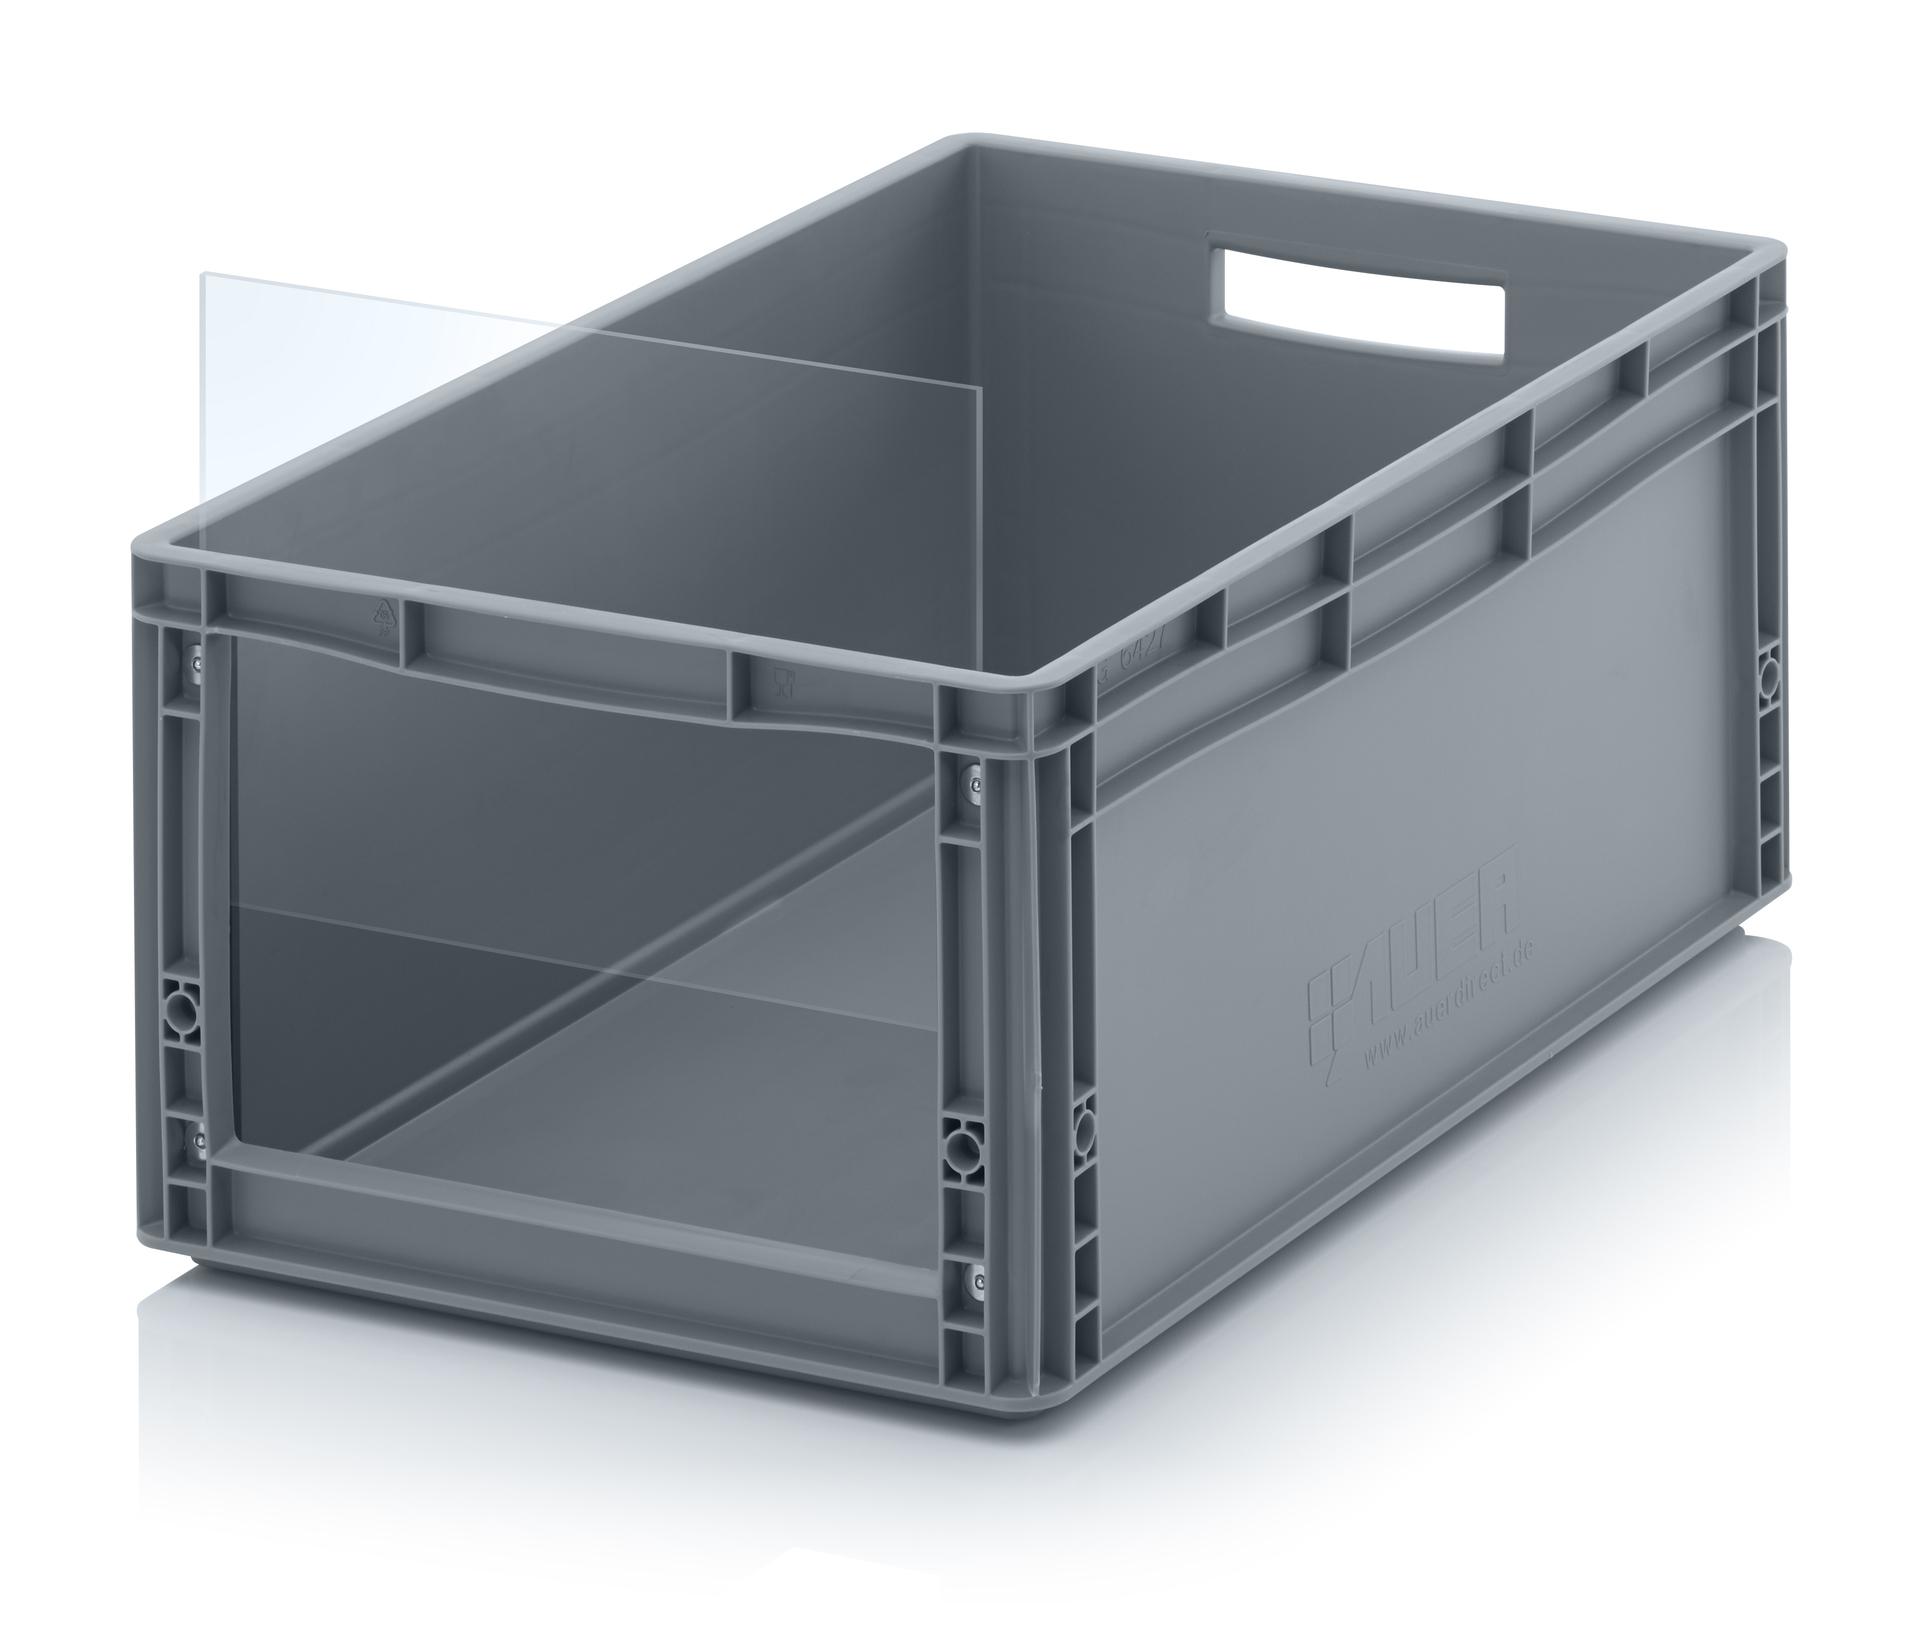 Contenitori bocca di lupo modulari standard euro slk es - Bocca di lupo finestra ...